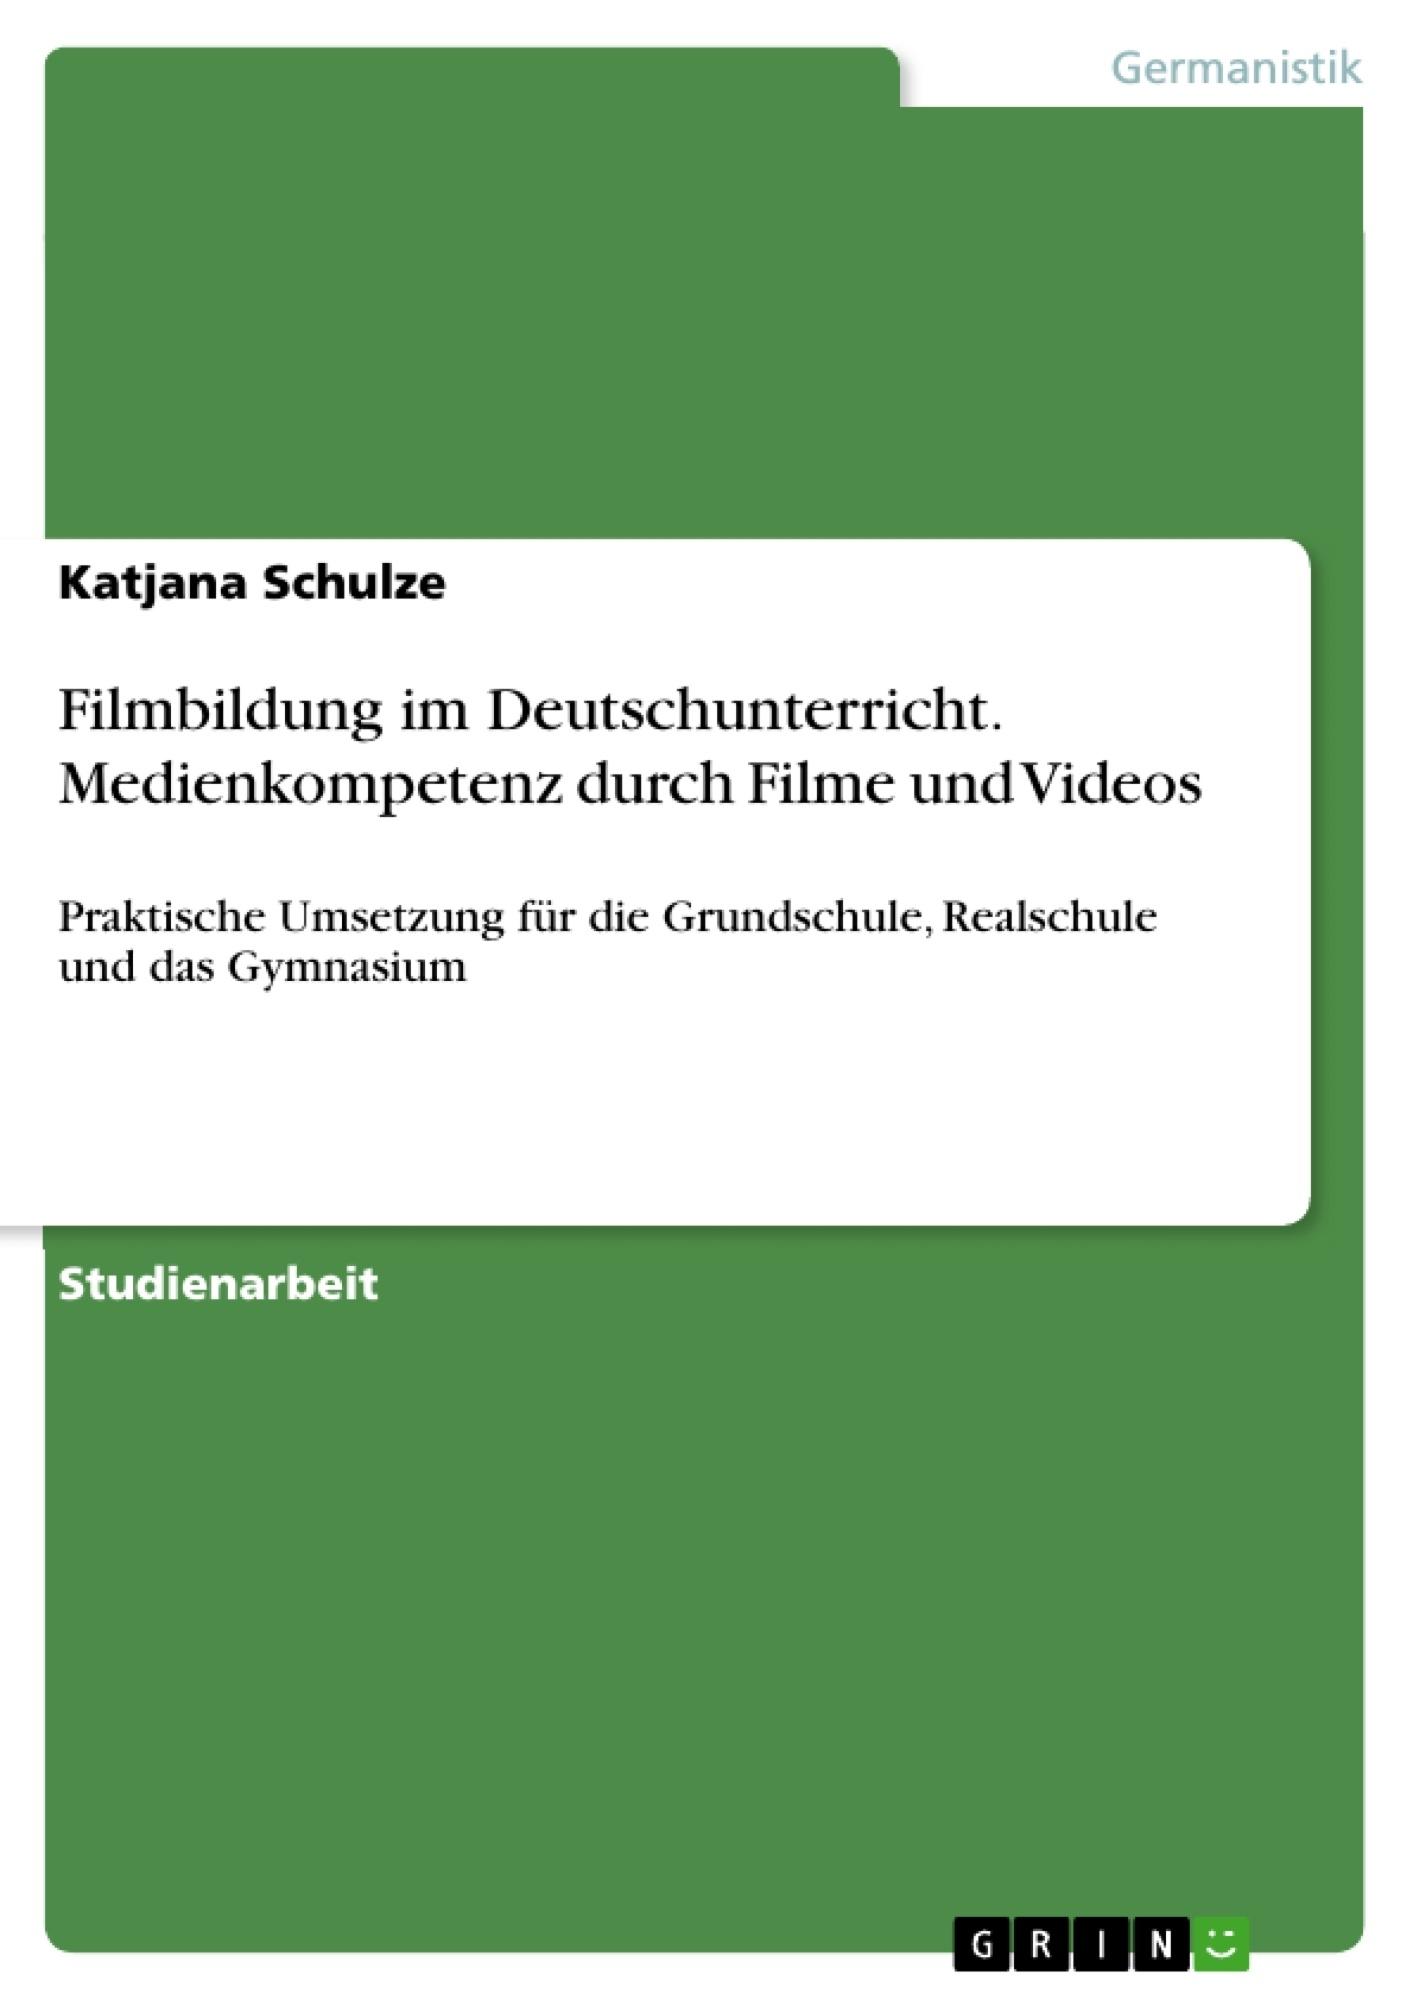 Titel: Filmbildung im Deutschunterricht. Medienkompetenz durch Filme und Videos